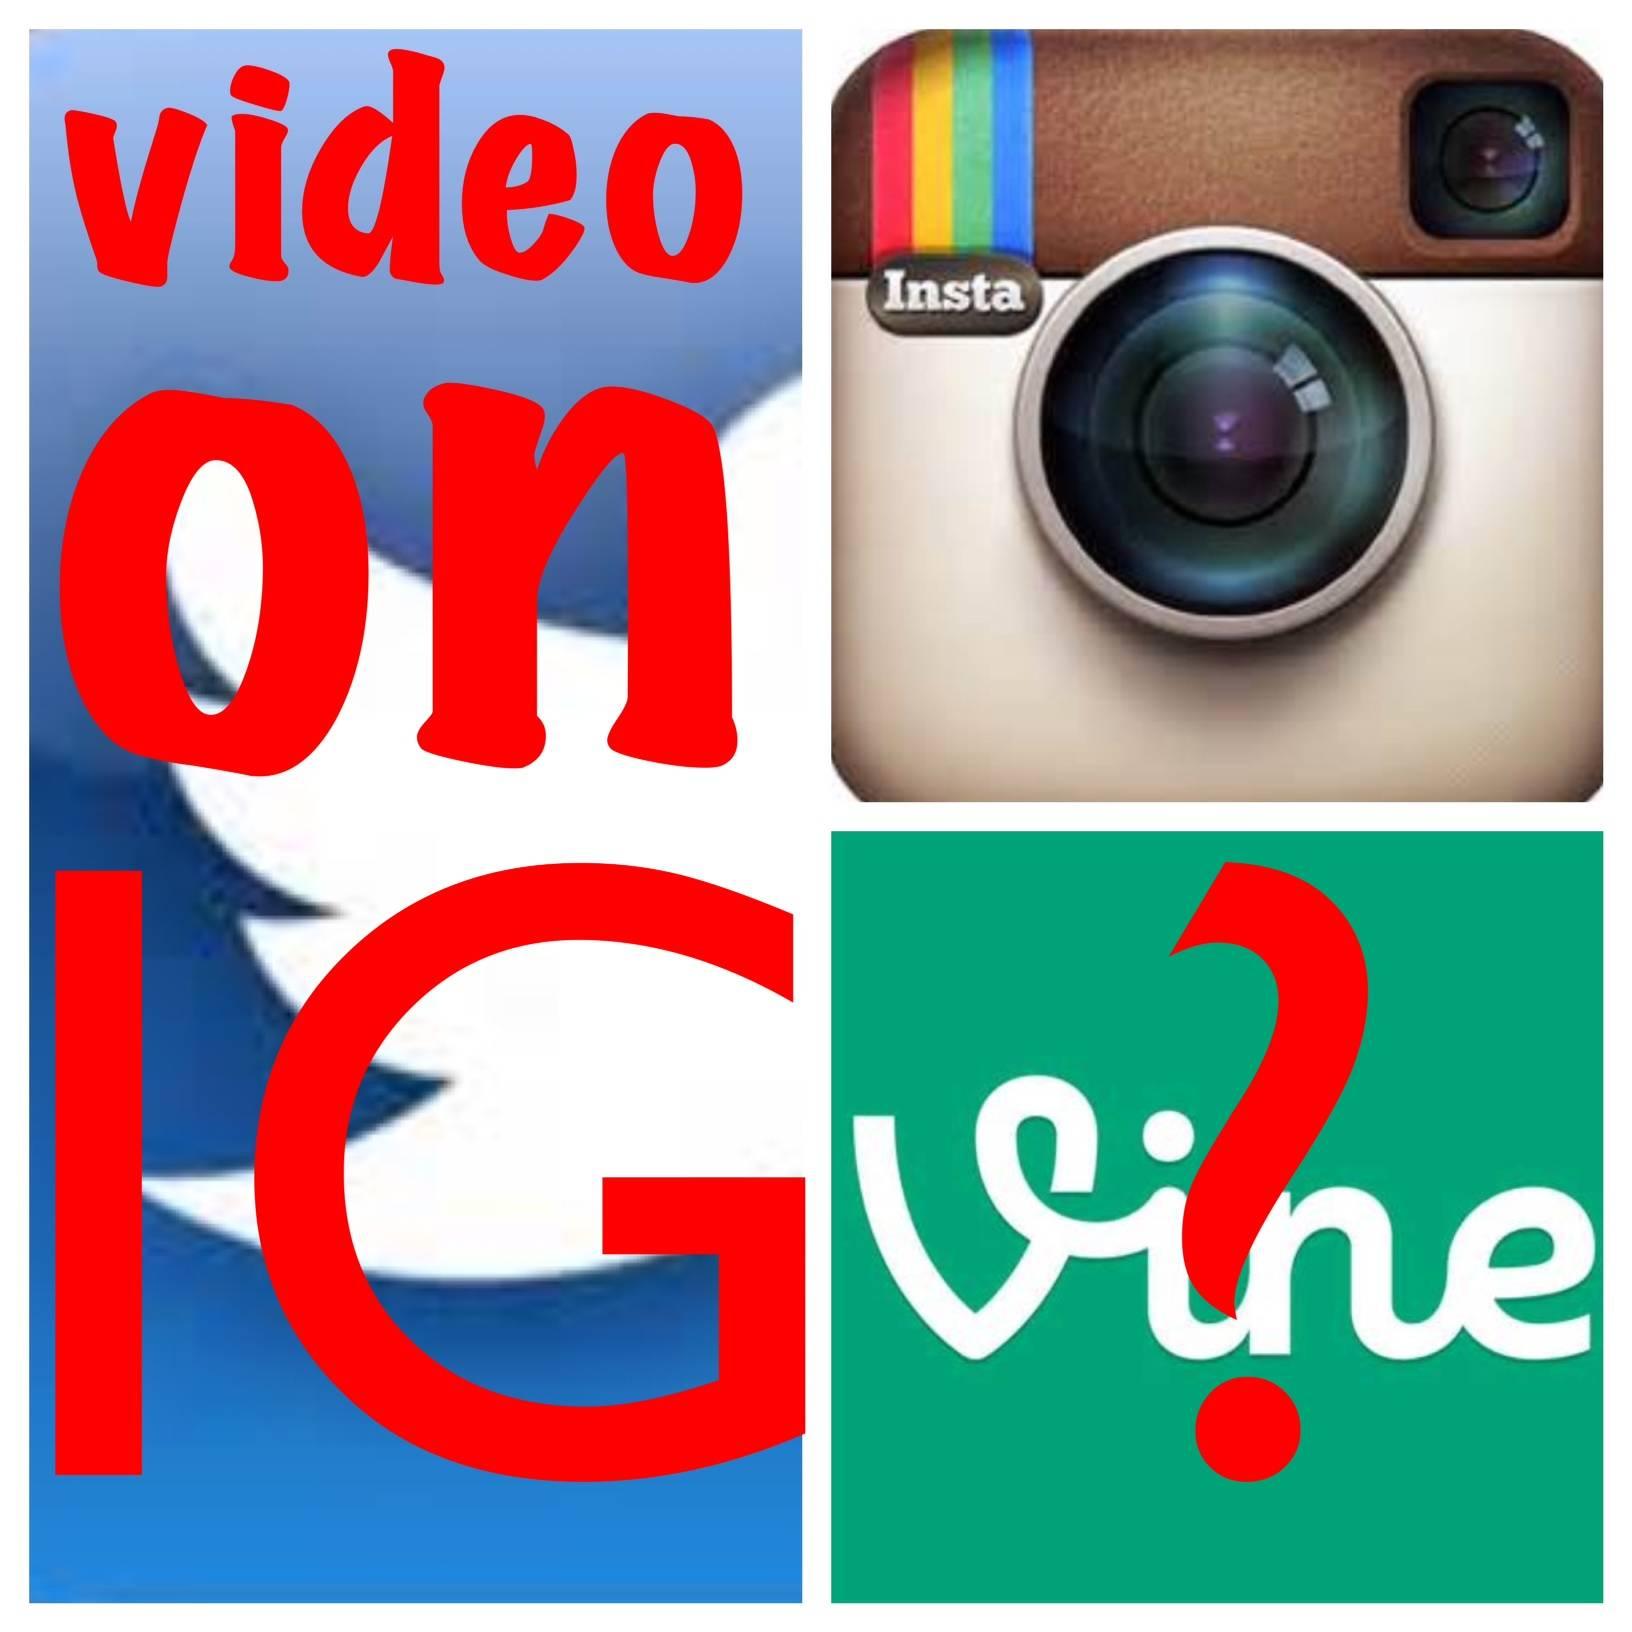 ¿Llegará finalmente el Video a Instagram?